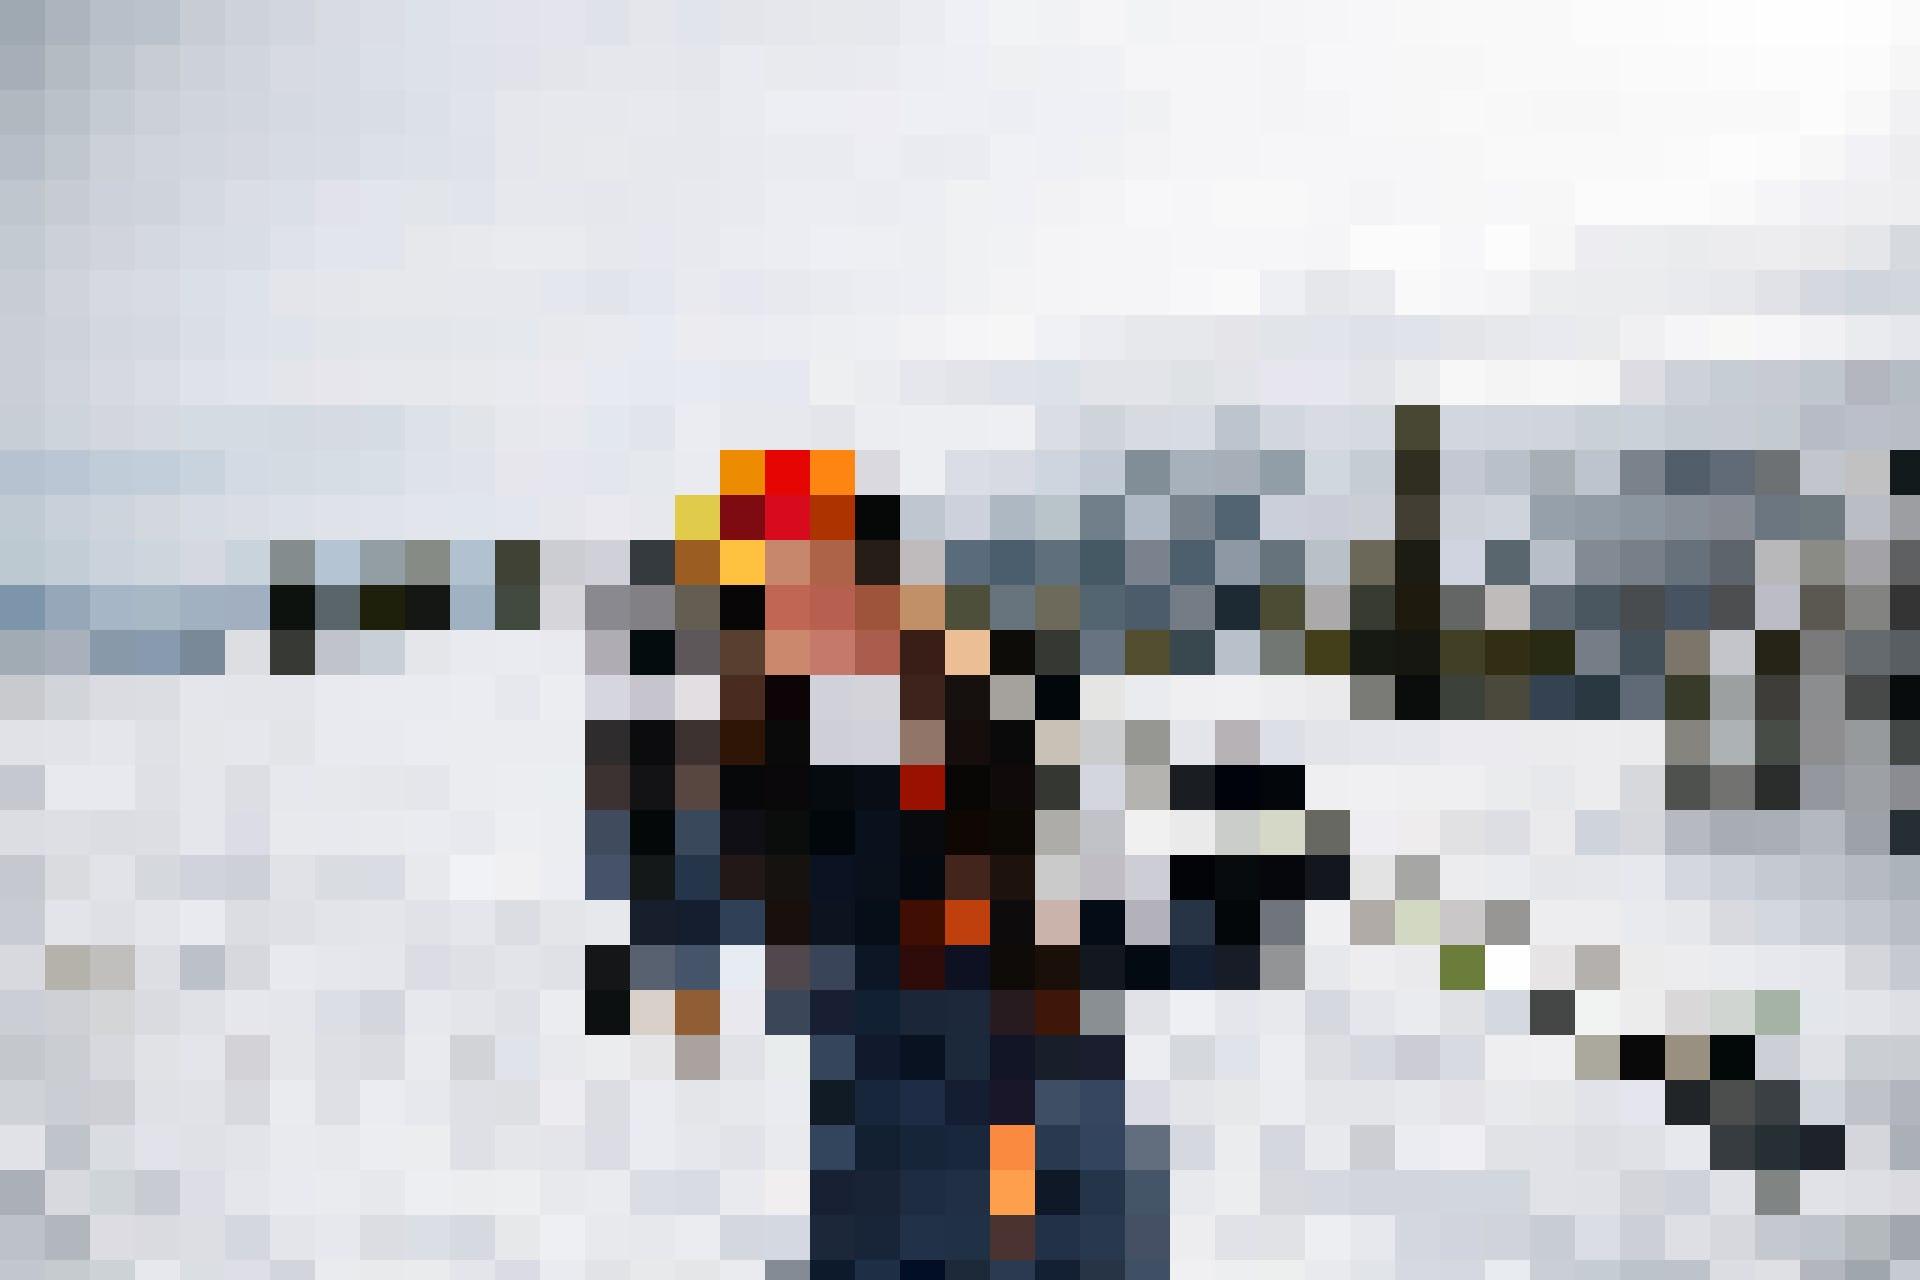 Für Skifanatiker ist der Winter einfach die schönste Zeit im Jahr. Damit das Pistenabenteuer aber richtig Spass macht, braucht es die